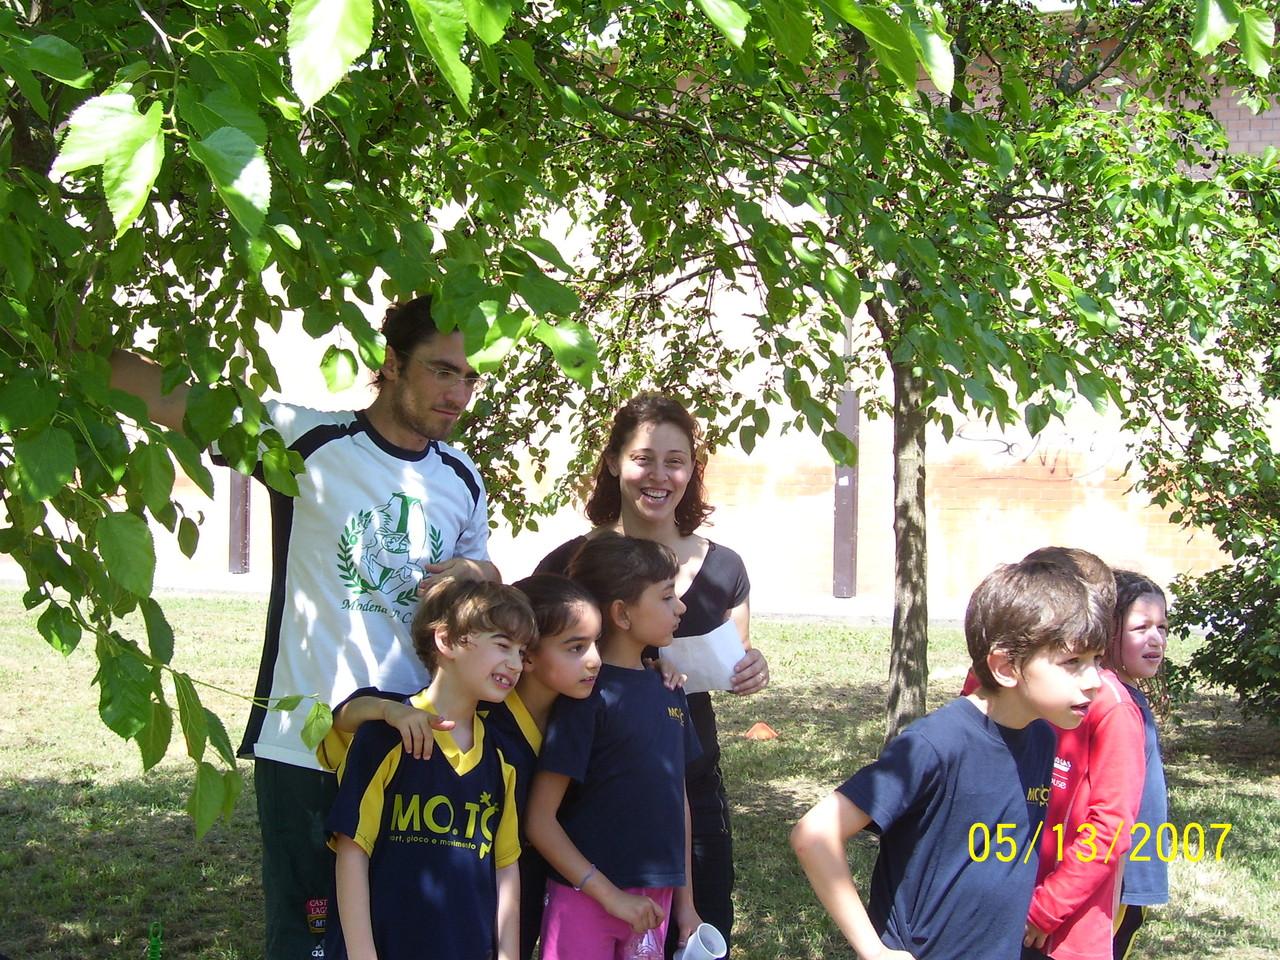 """Mo.Torneo Maggio 2007 - Atletica- c/o Palestra S.M. """"Ferraris"""""""